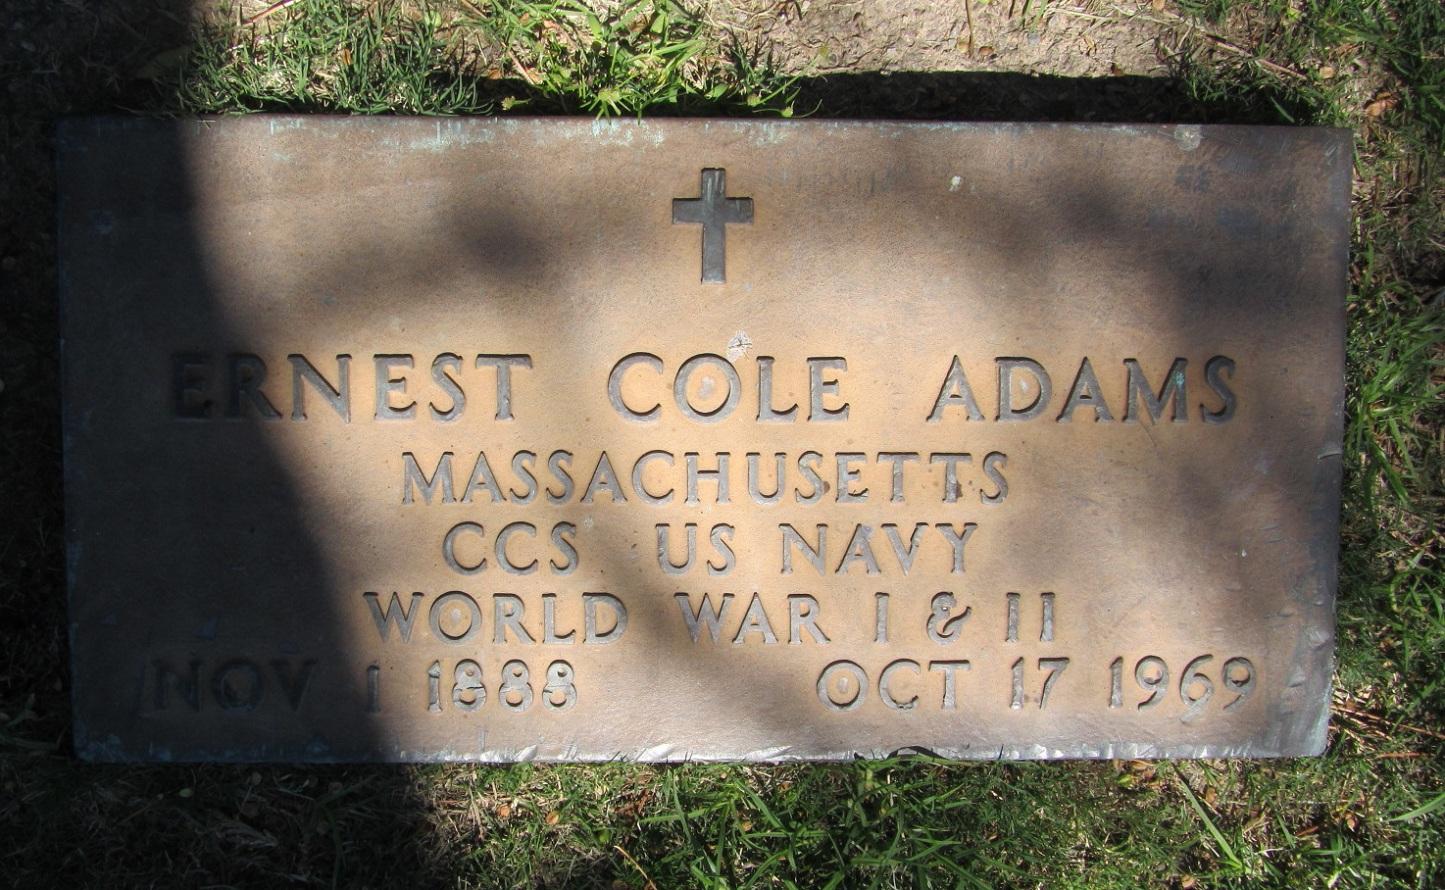 Ernest Cole Adams